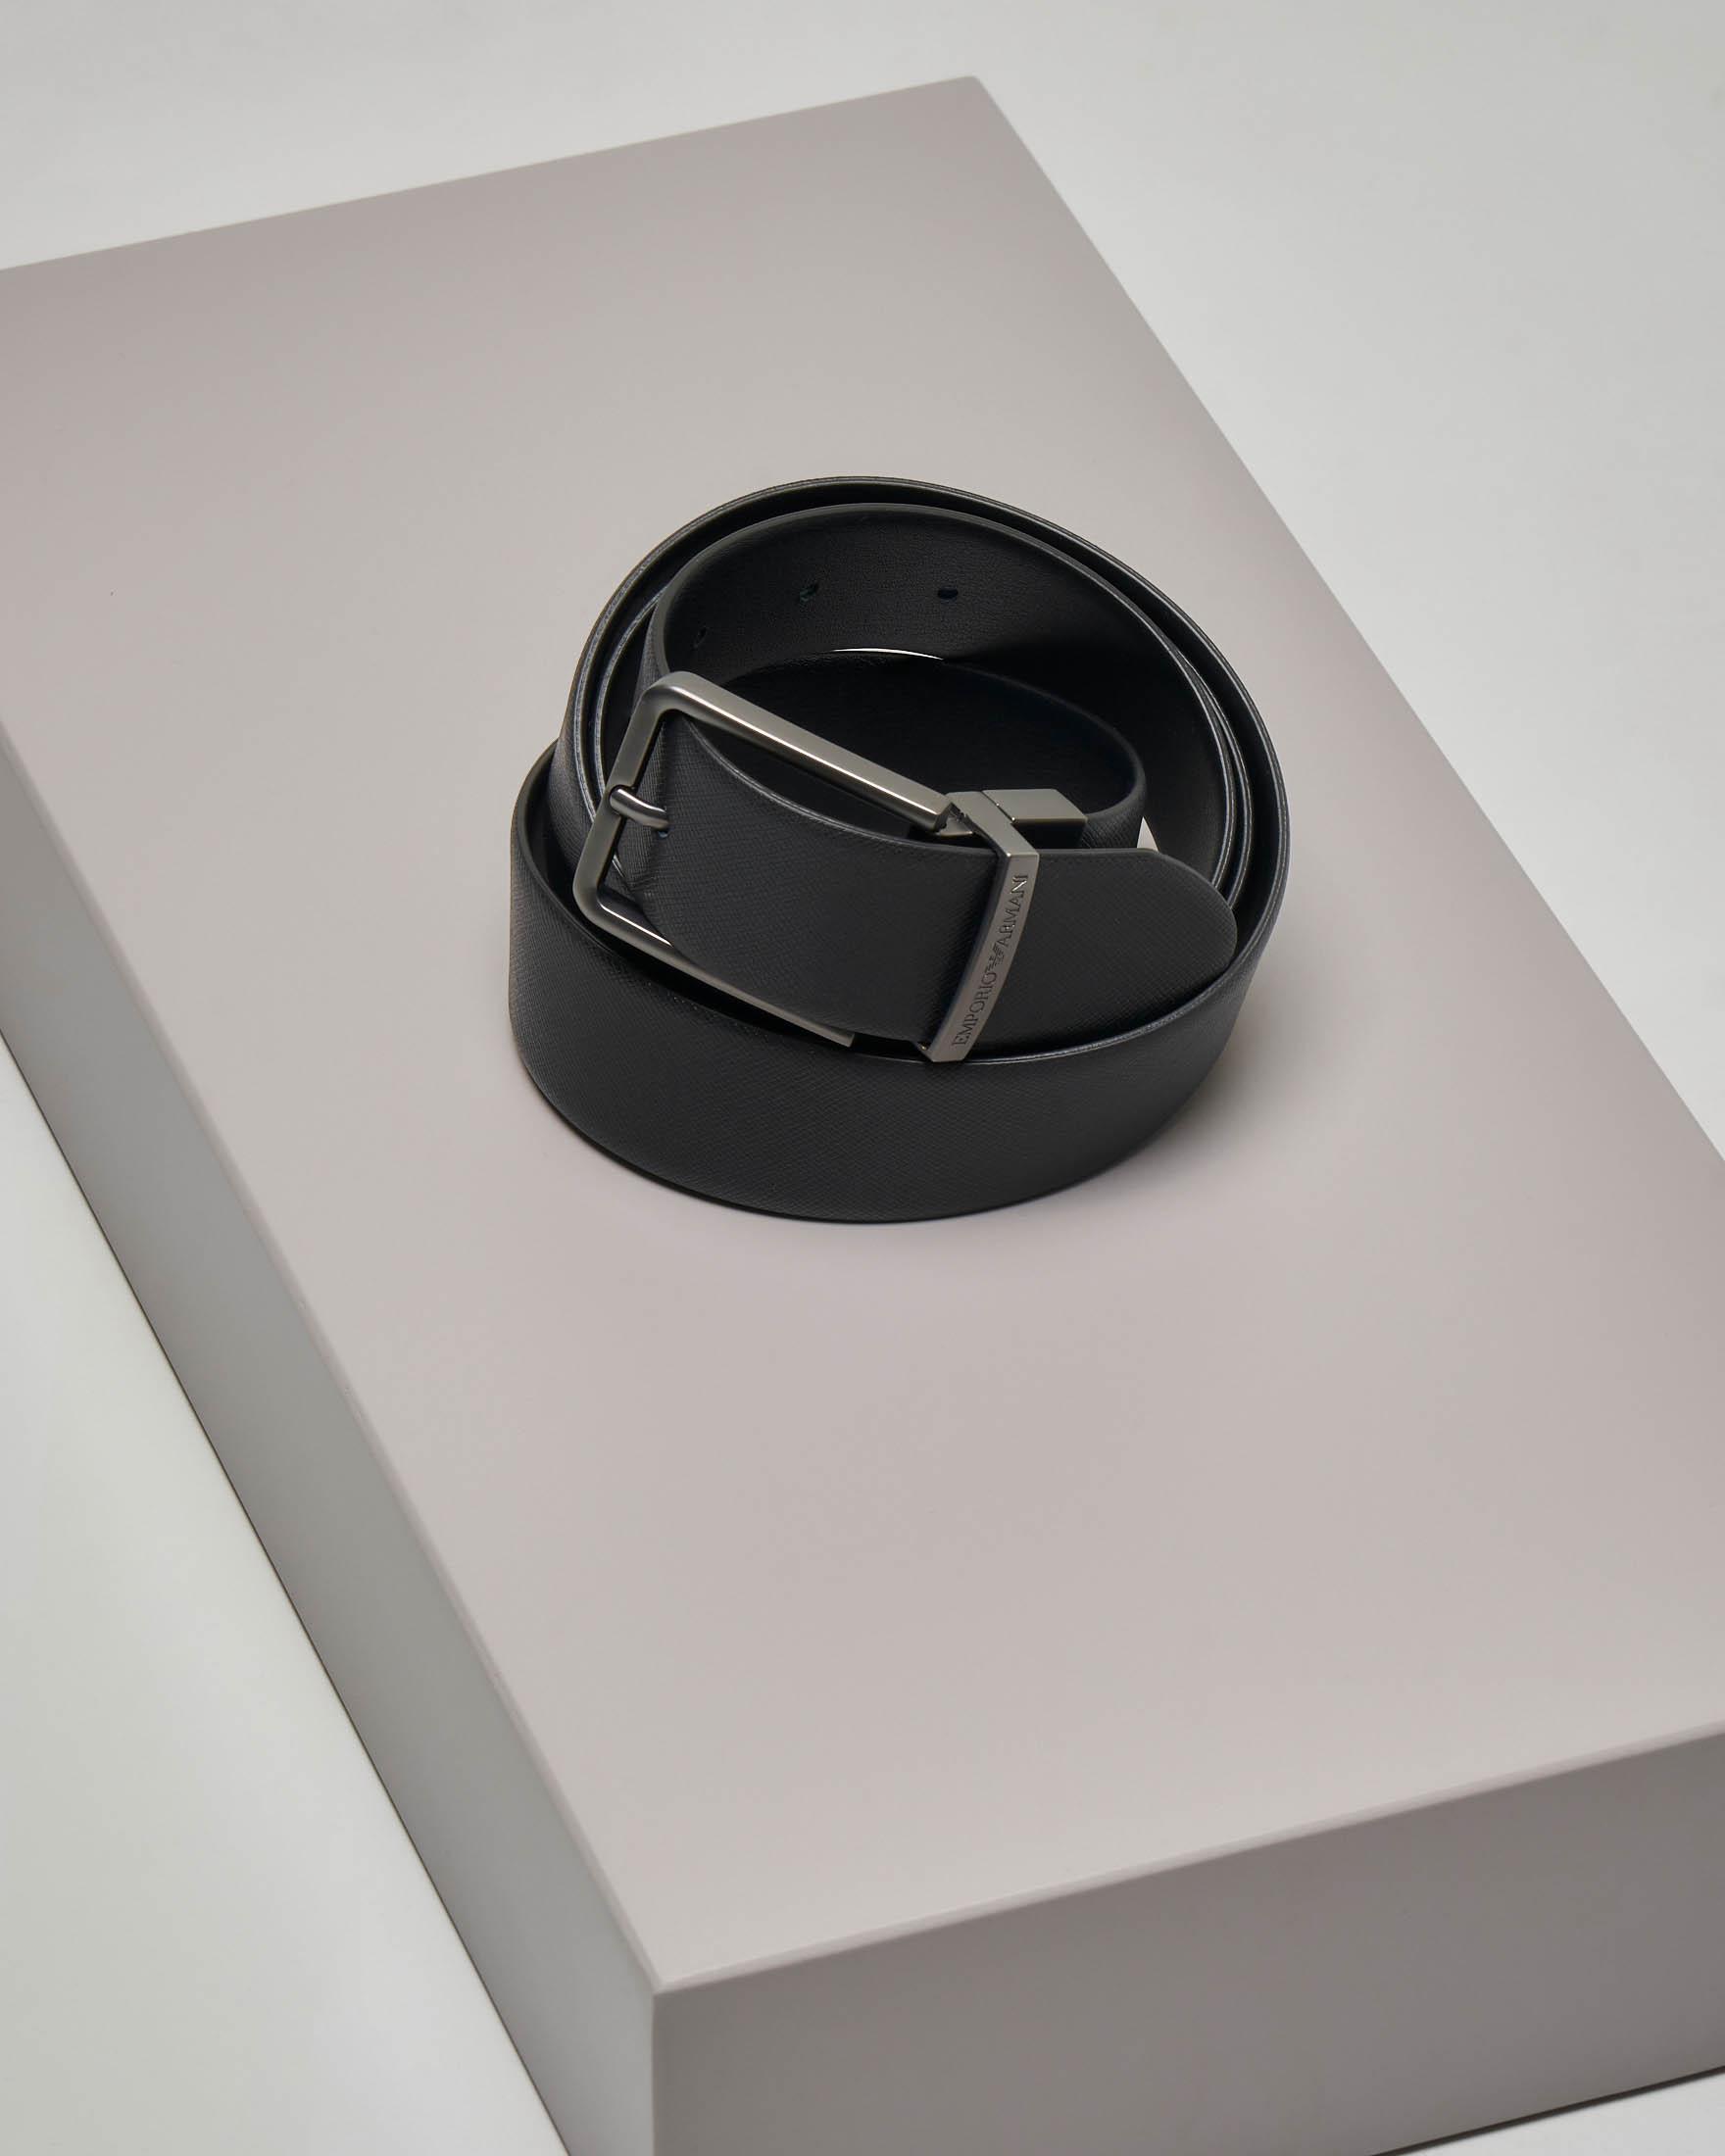 Cintura nera in pelle saffiano reversibile in pelle liscia con fibbia brunita